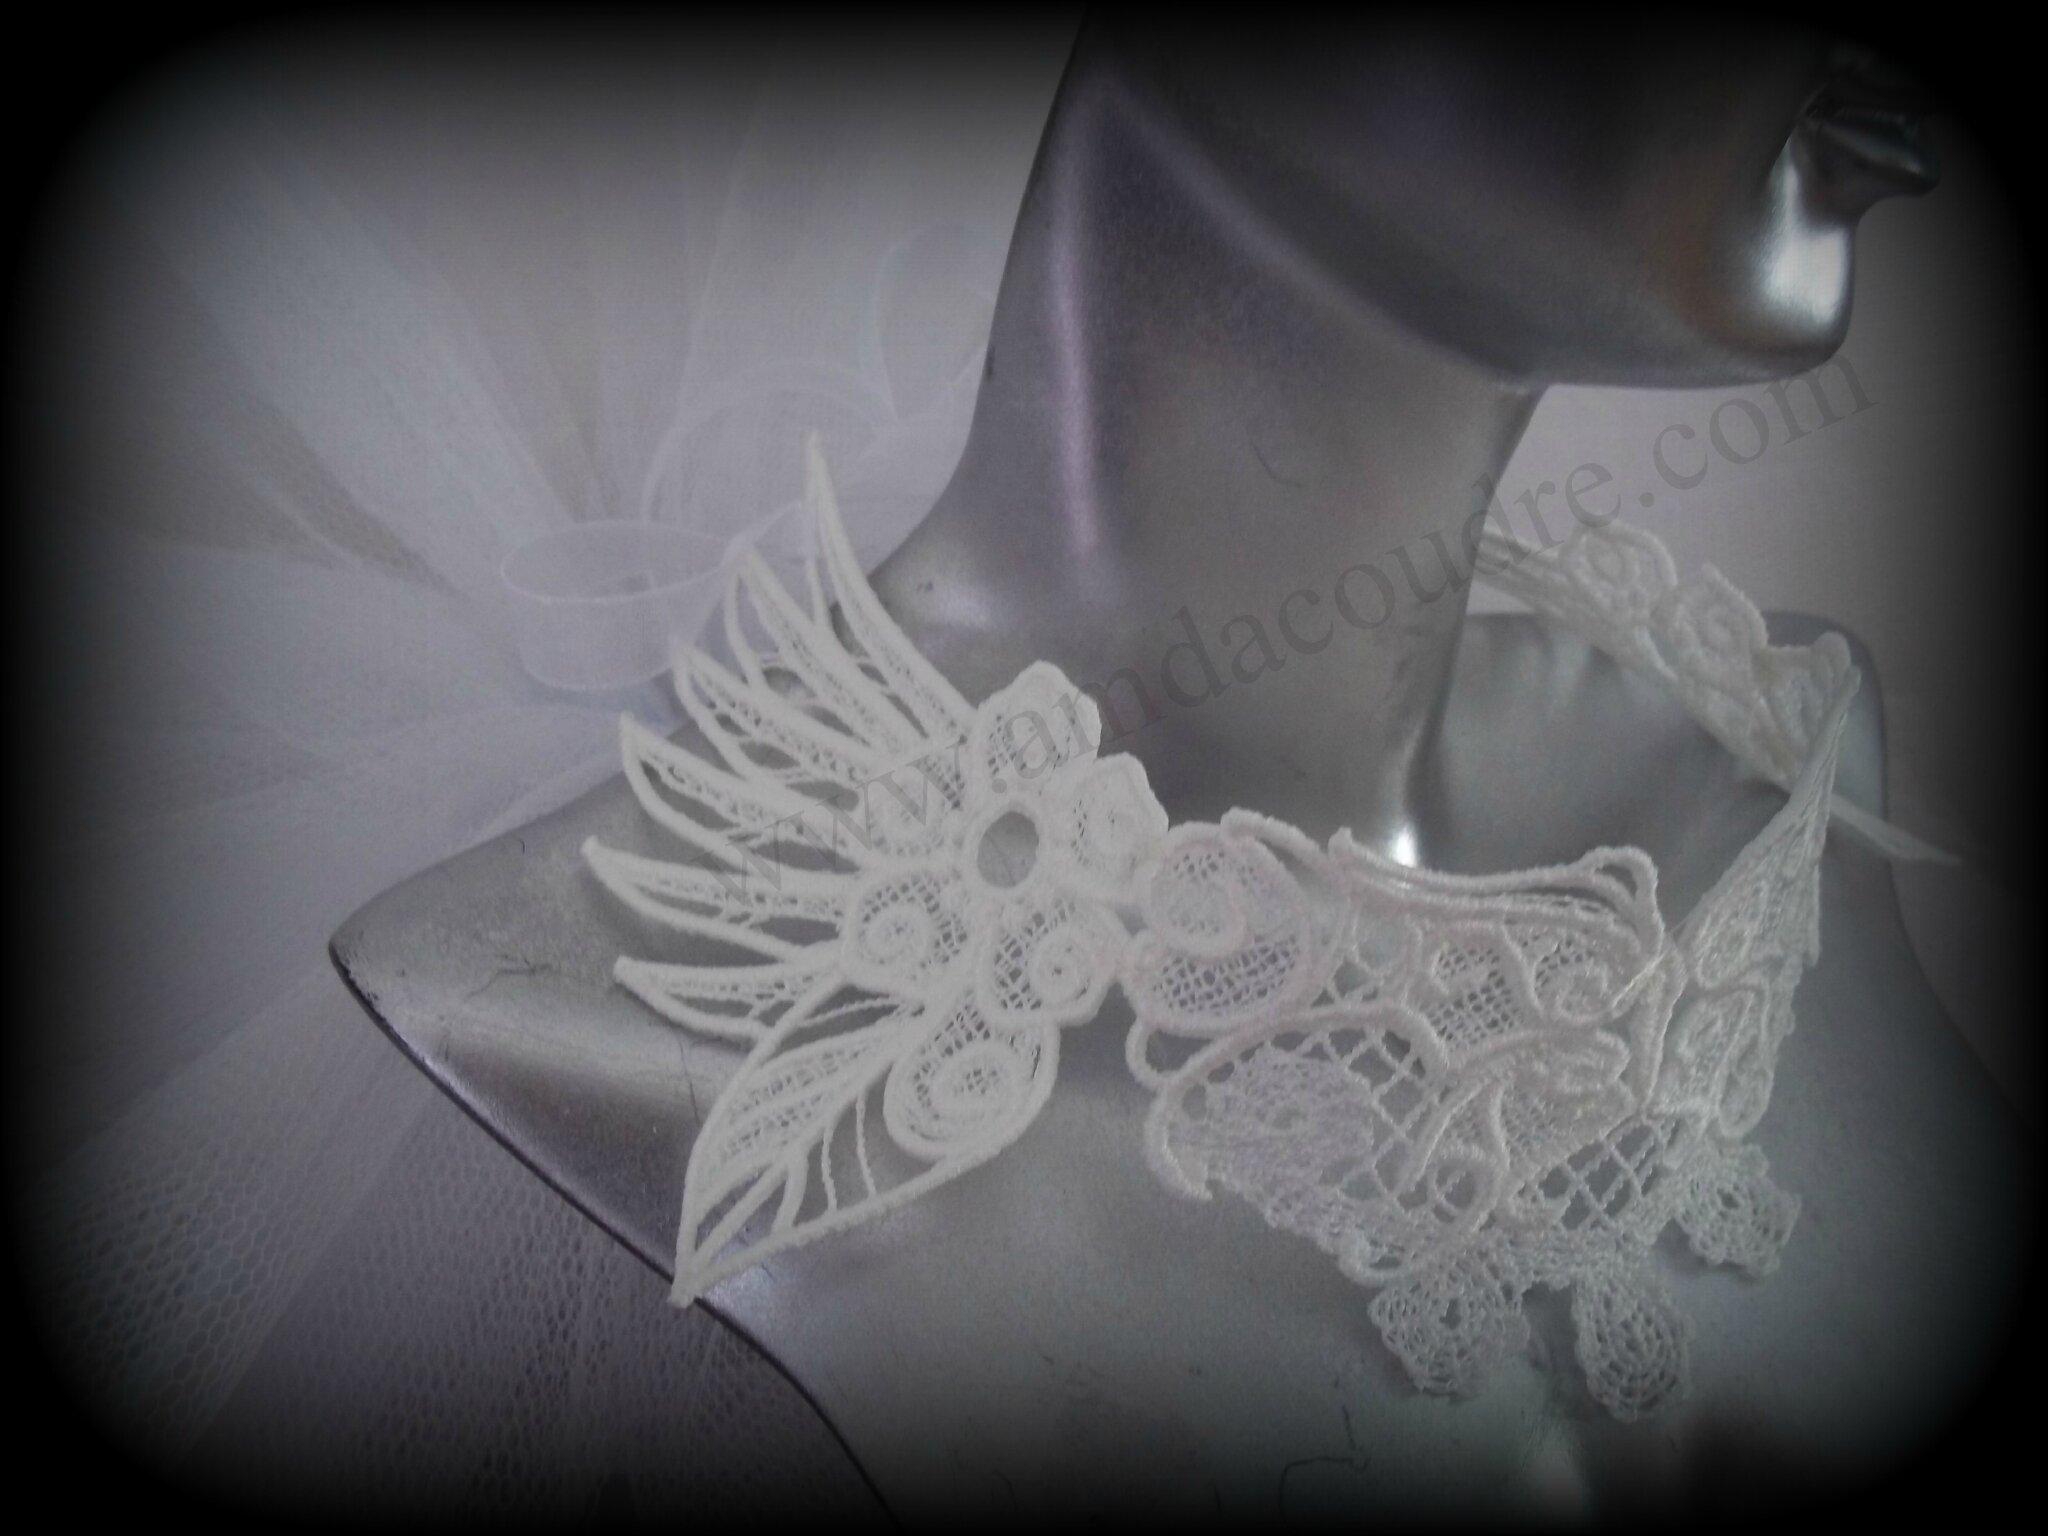 accessoire de mariage, tour de cou pour la mariée, ras de cou en dentelle création artisanale par AMD A COUDRE